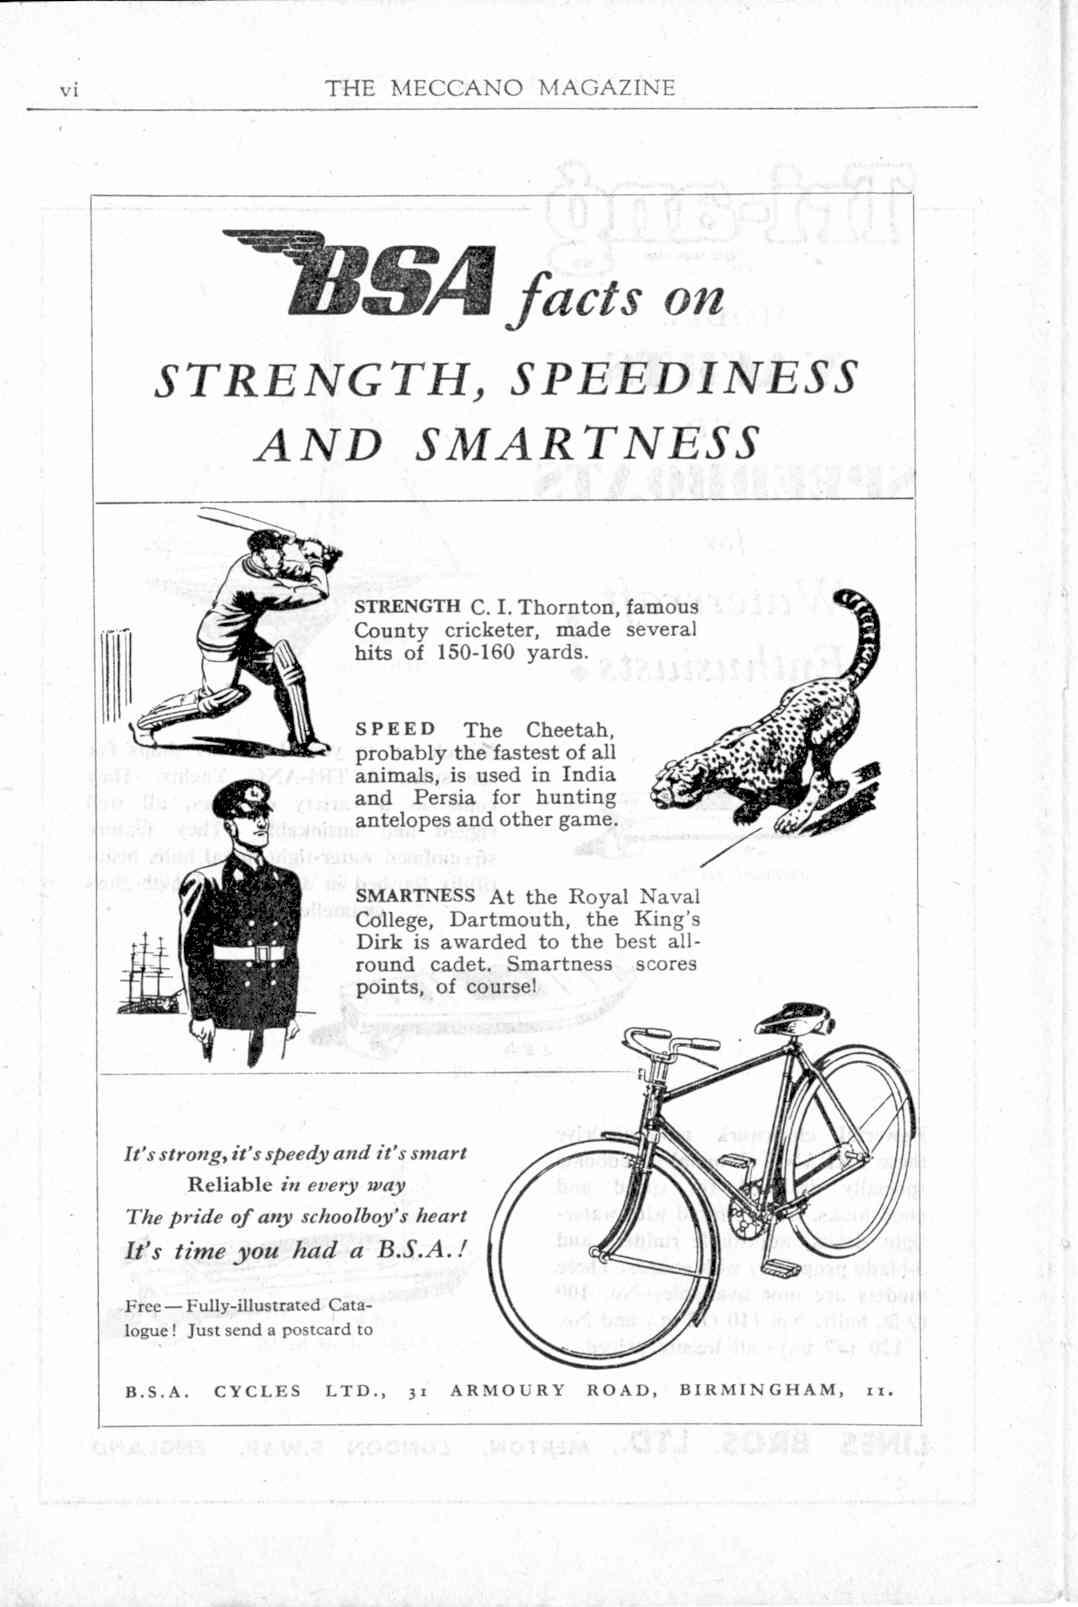 UK Meccano Magazine March 1949 Page vi